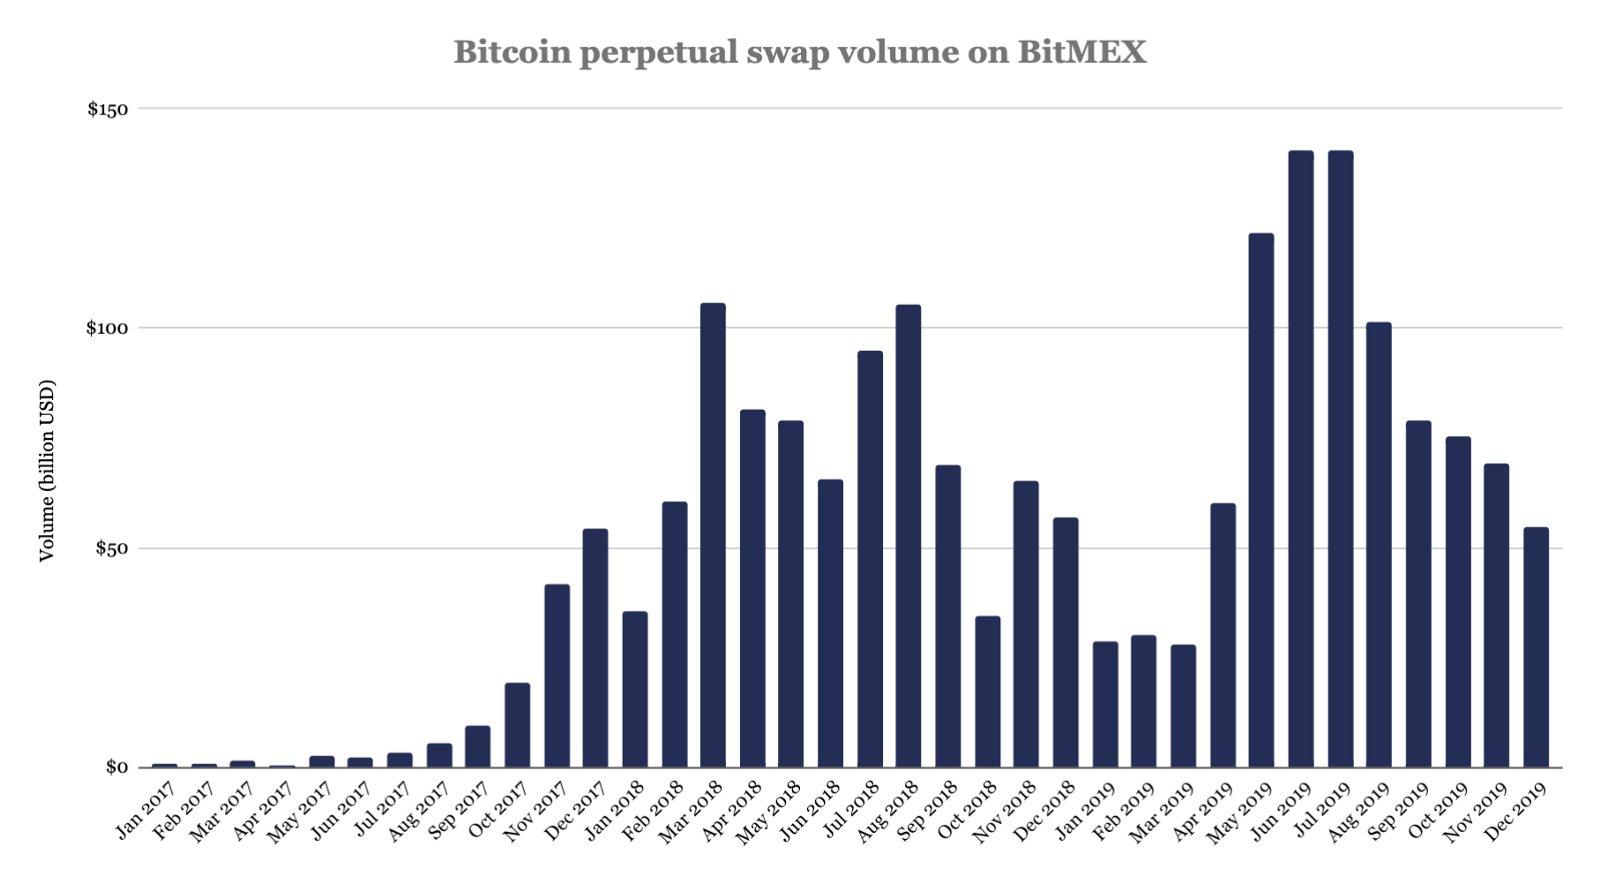 Becsúszott dollár alá a bitcoin - de meddig ereszkedik még? - Virtuális Cash